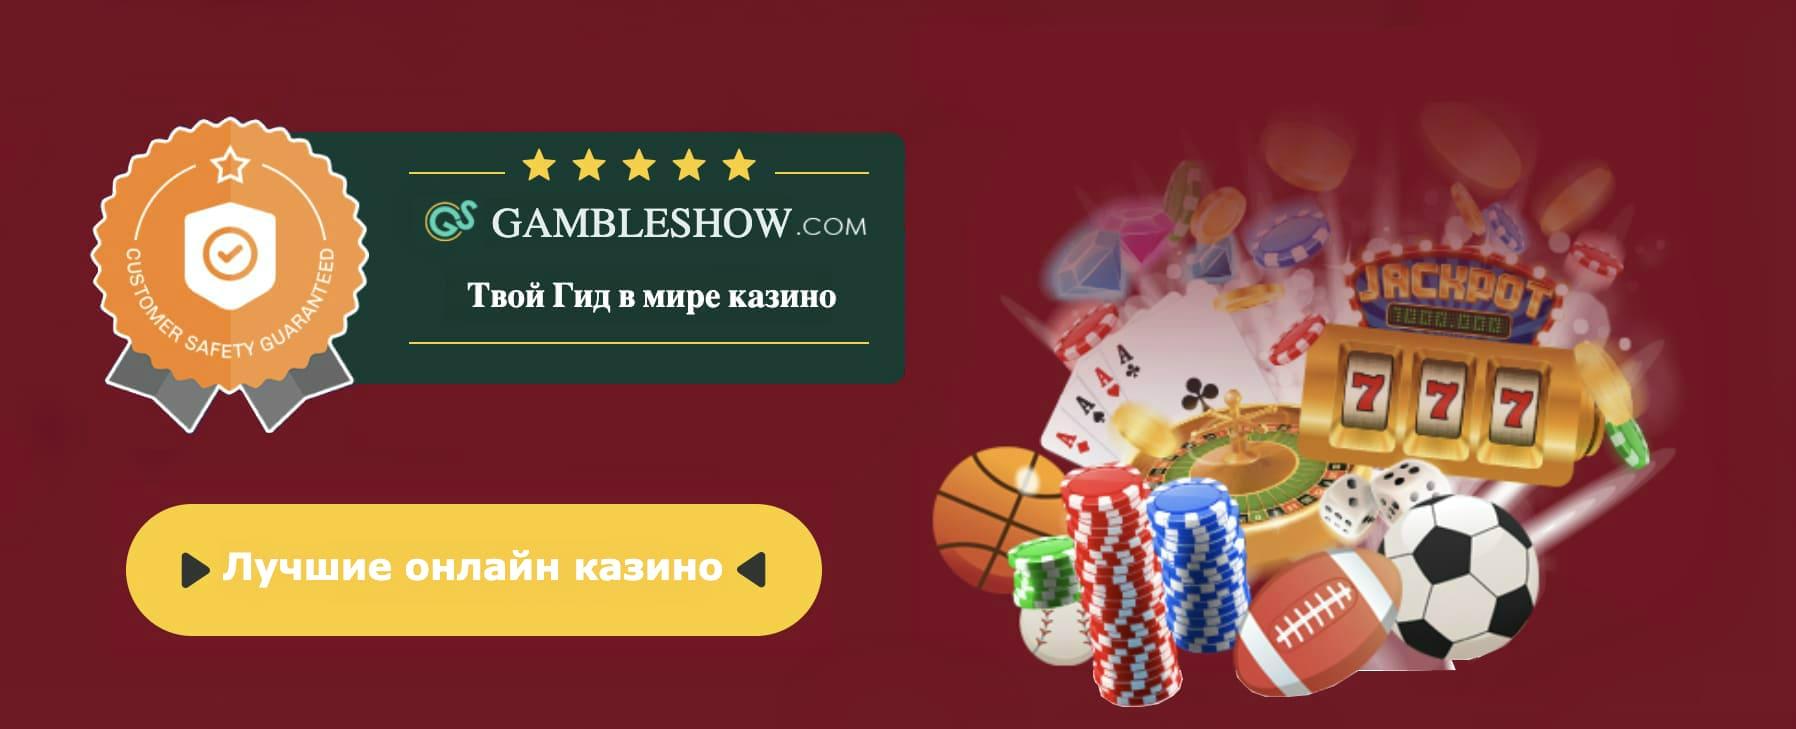 лучшие онлайн казино скачать бесплатно